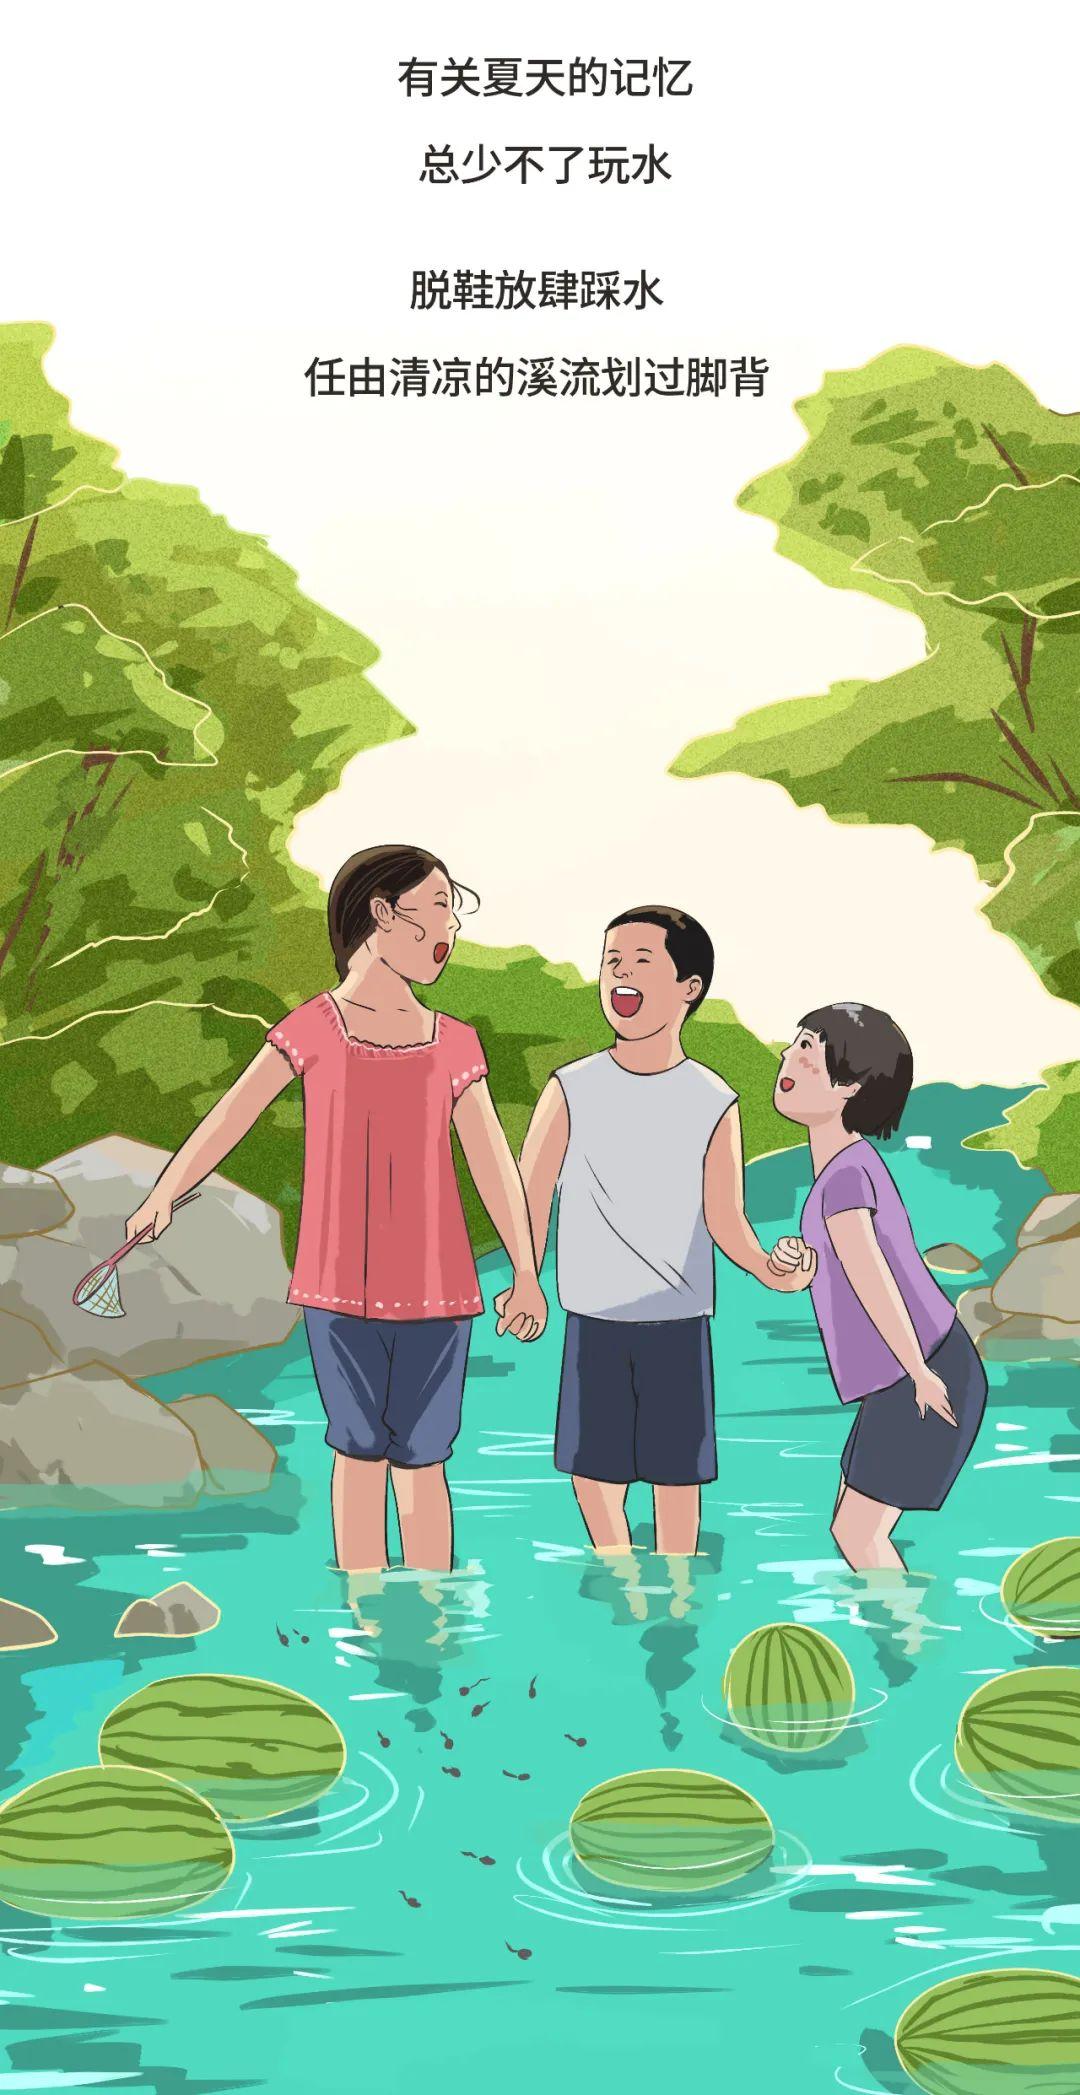 能好好玩水的夏天,才是快乐星球